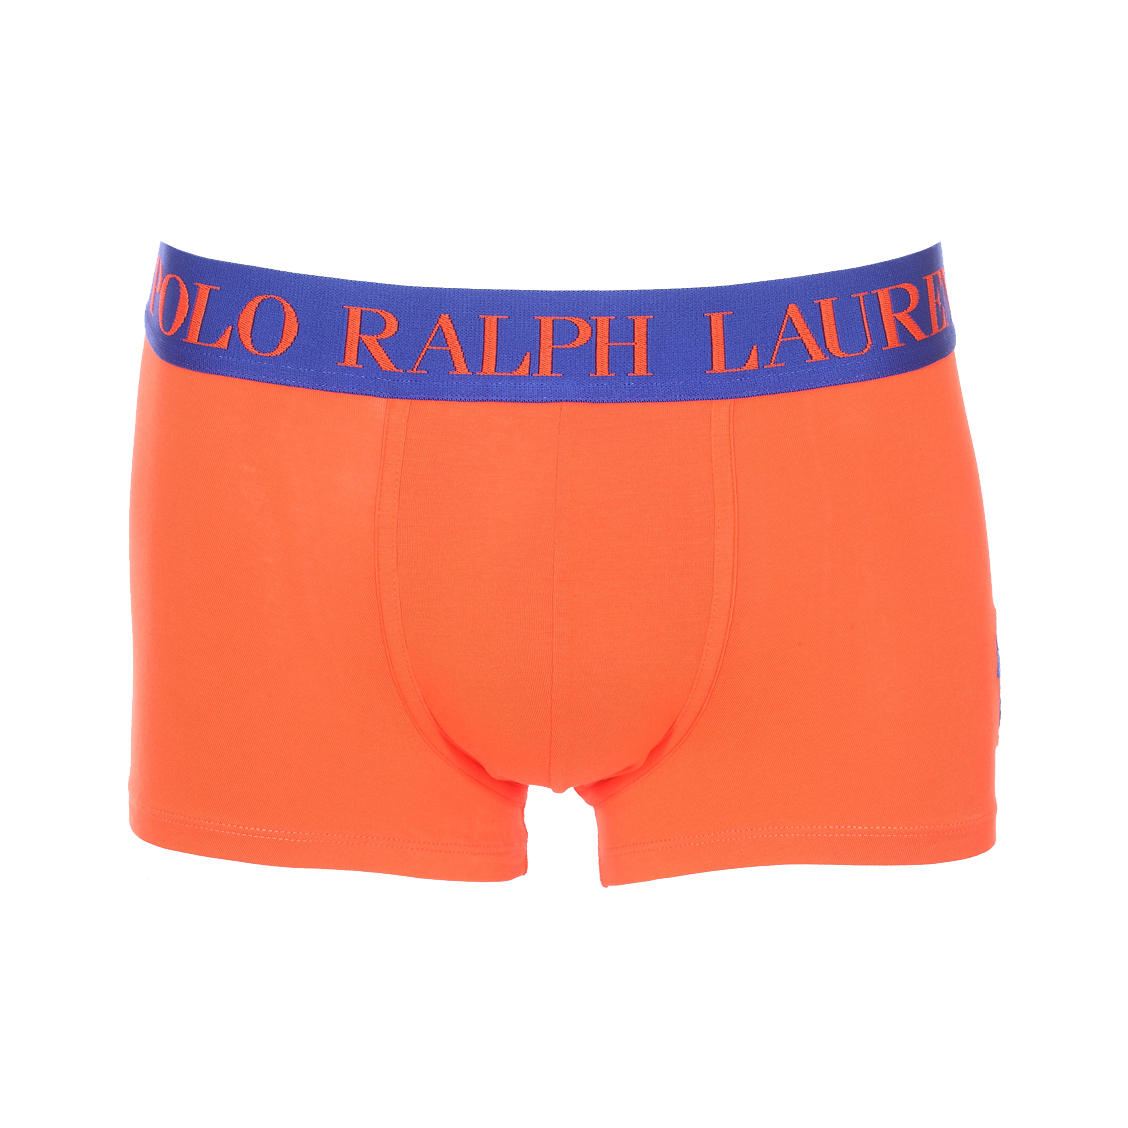 Boxer  en coton stretch orange électrique à ceinture bleu roi